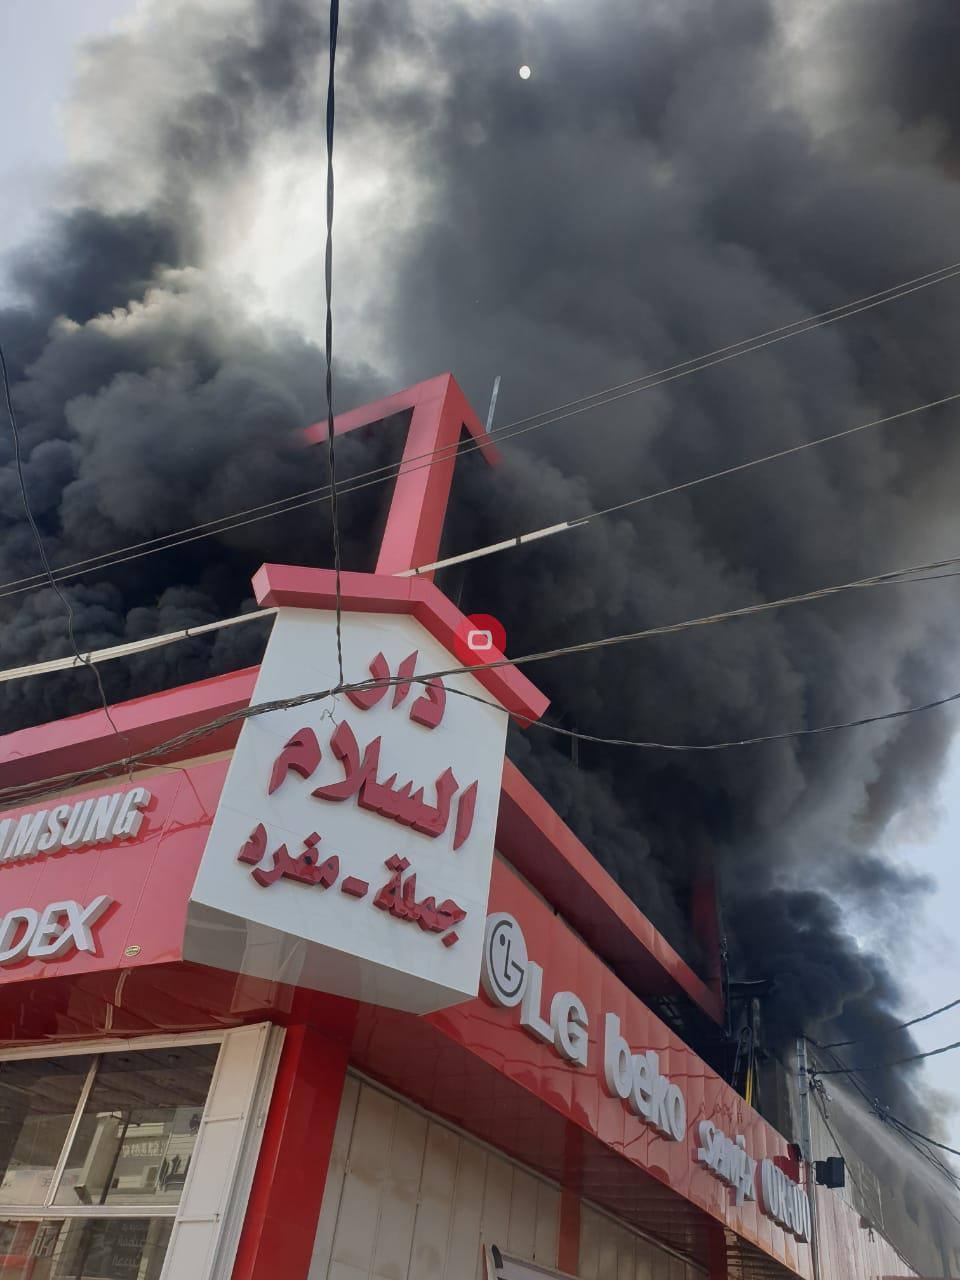 بابل | حريق اندلع داخل مجمع للأجهزة الكهربائية (صور)